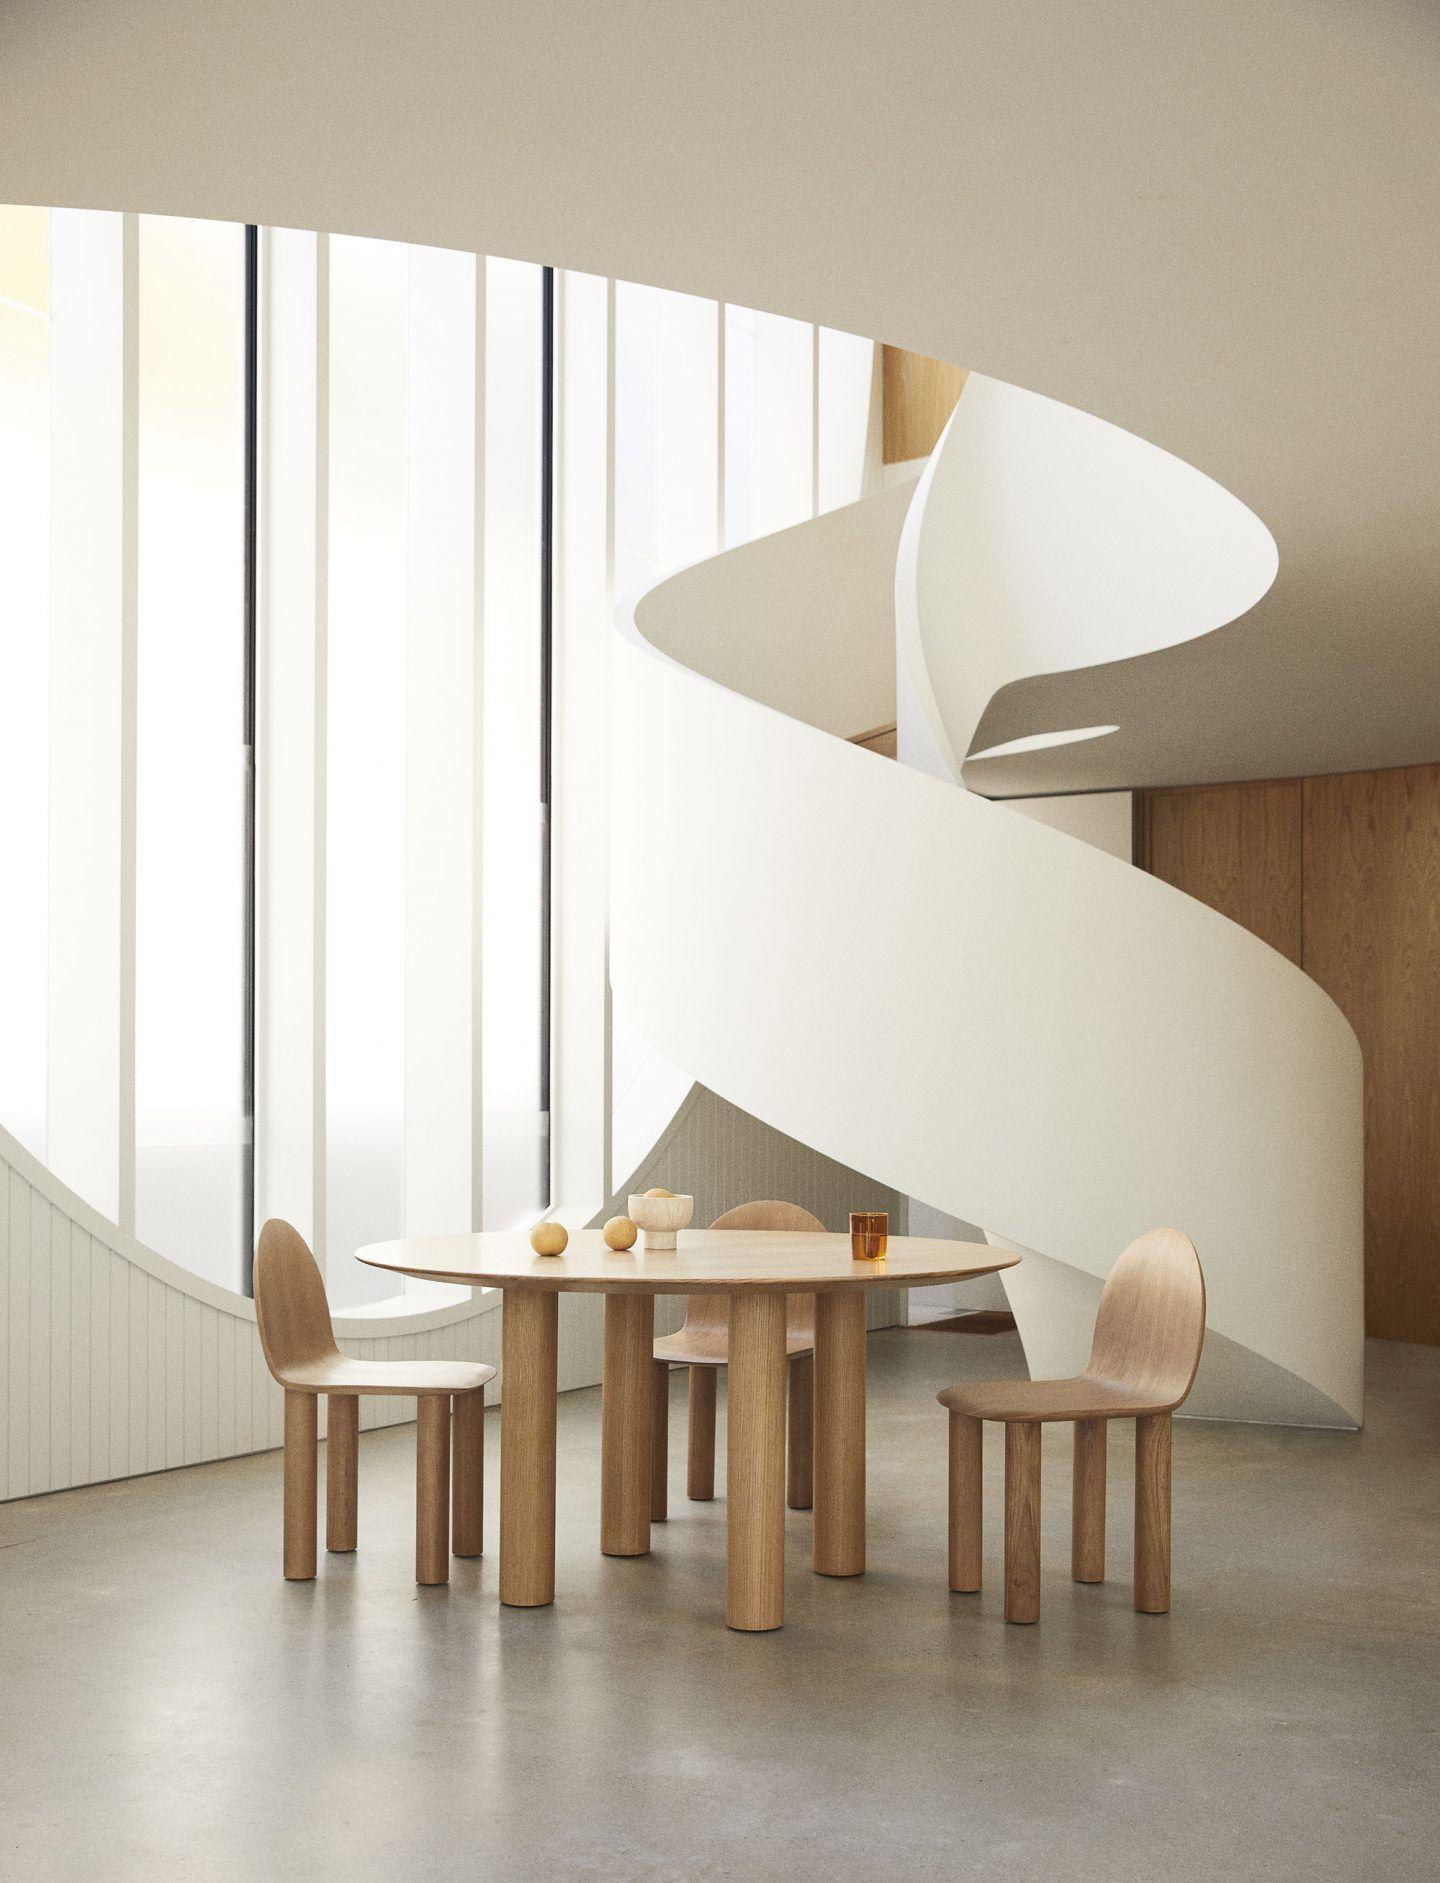 IGNANT-Design-Sarah-Ellison-Sol-013